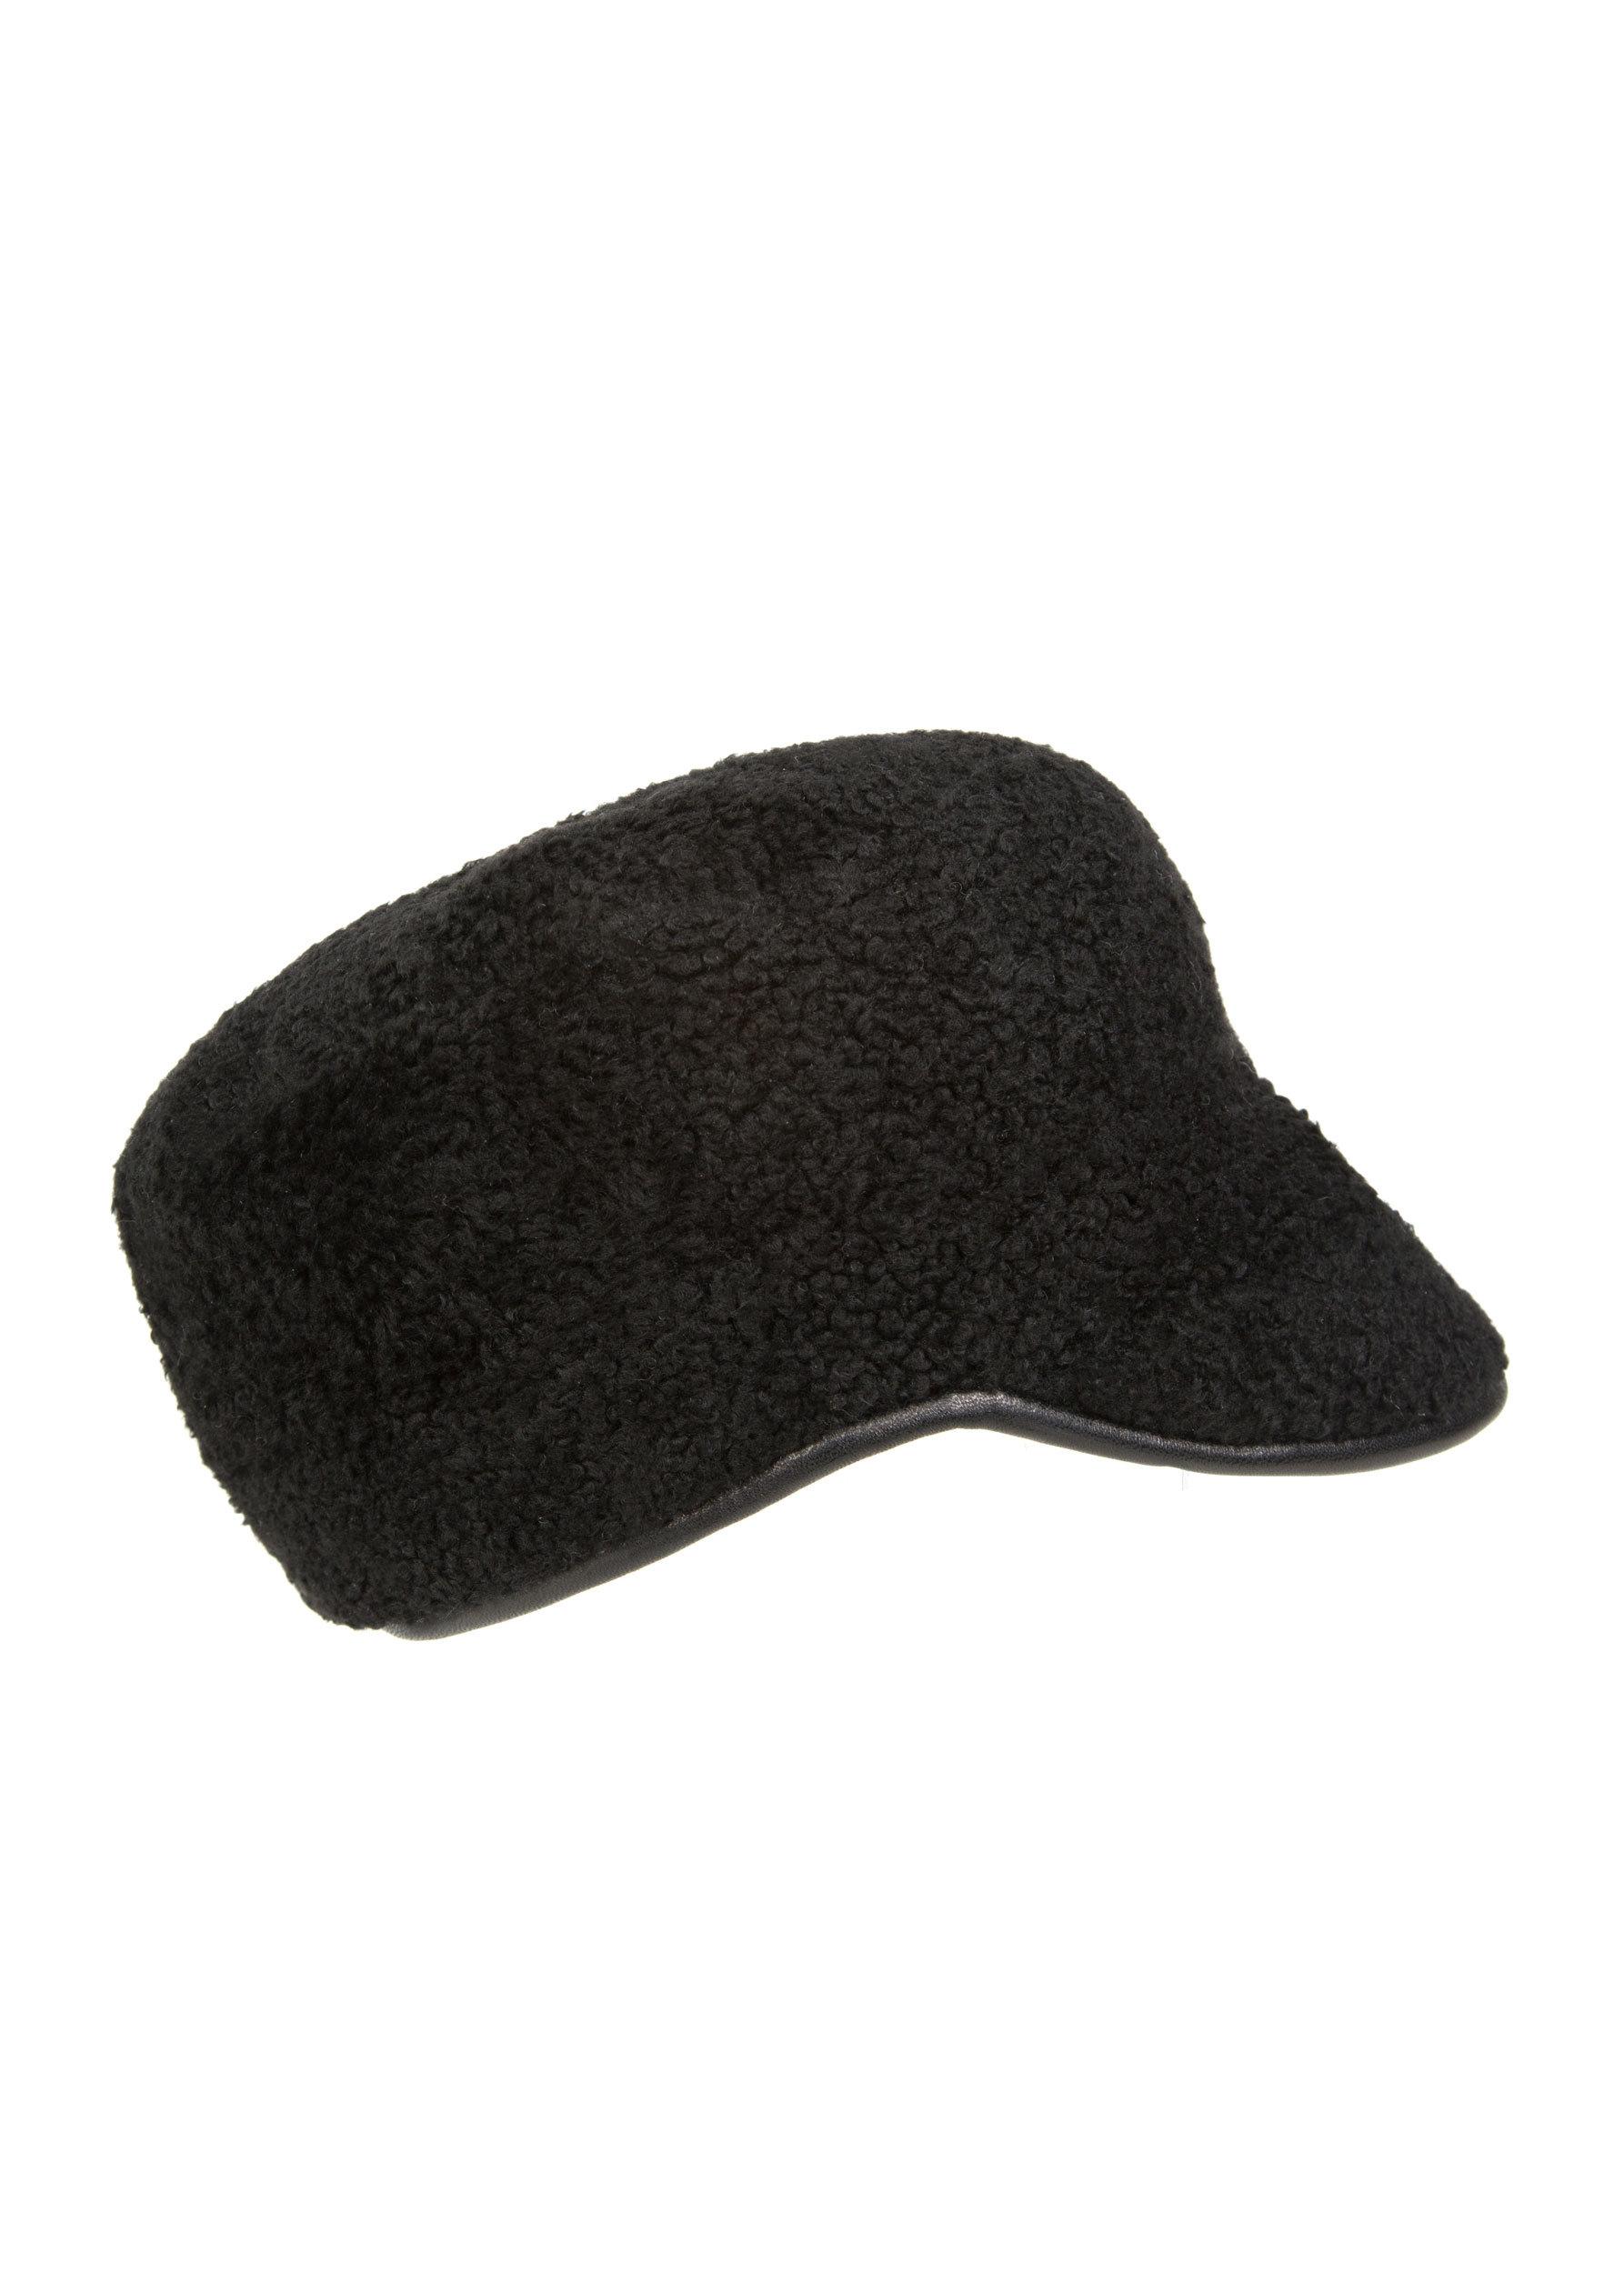 02b9316ad16 Gushlow cole hats womens harvey nichols jpg 591x827 Cole hat